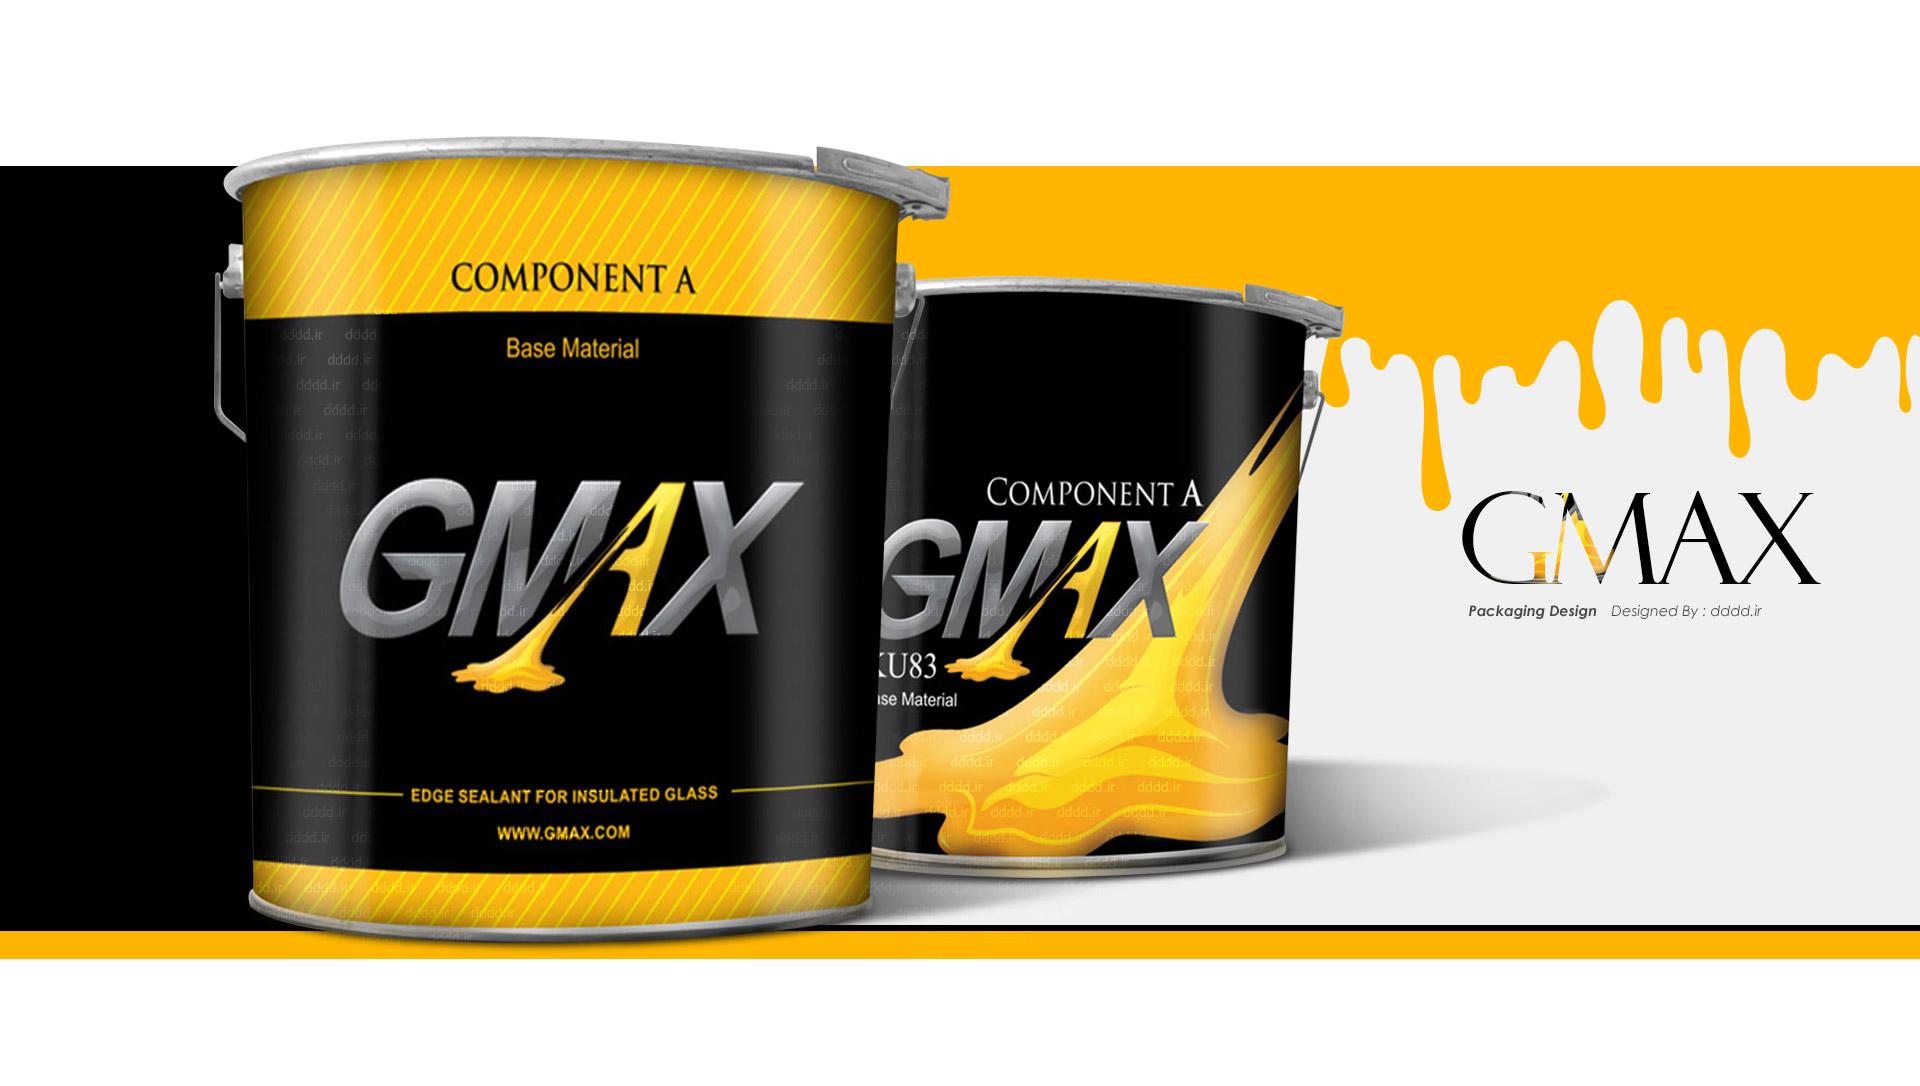 طراحی بسته بندی چسب جی مکس